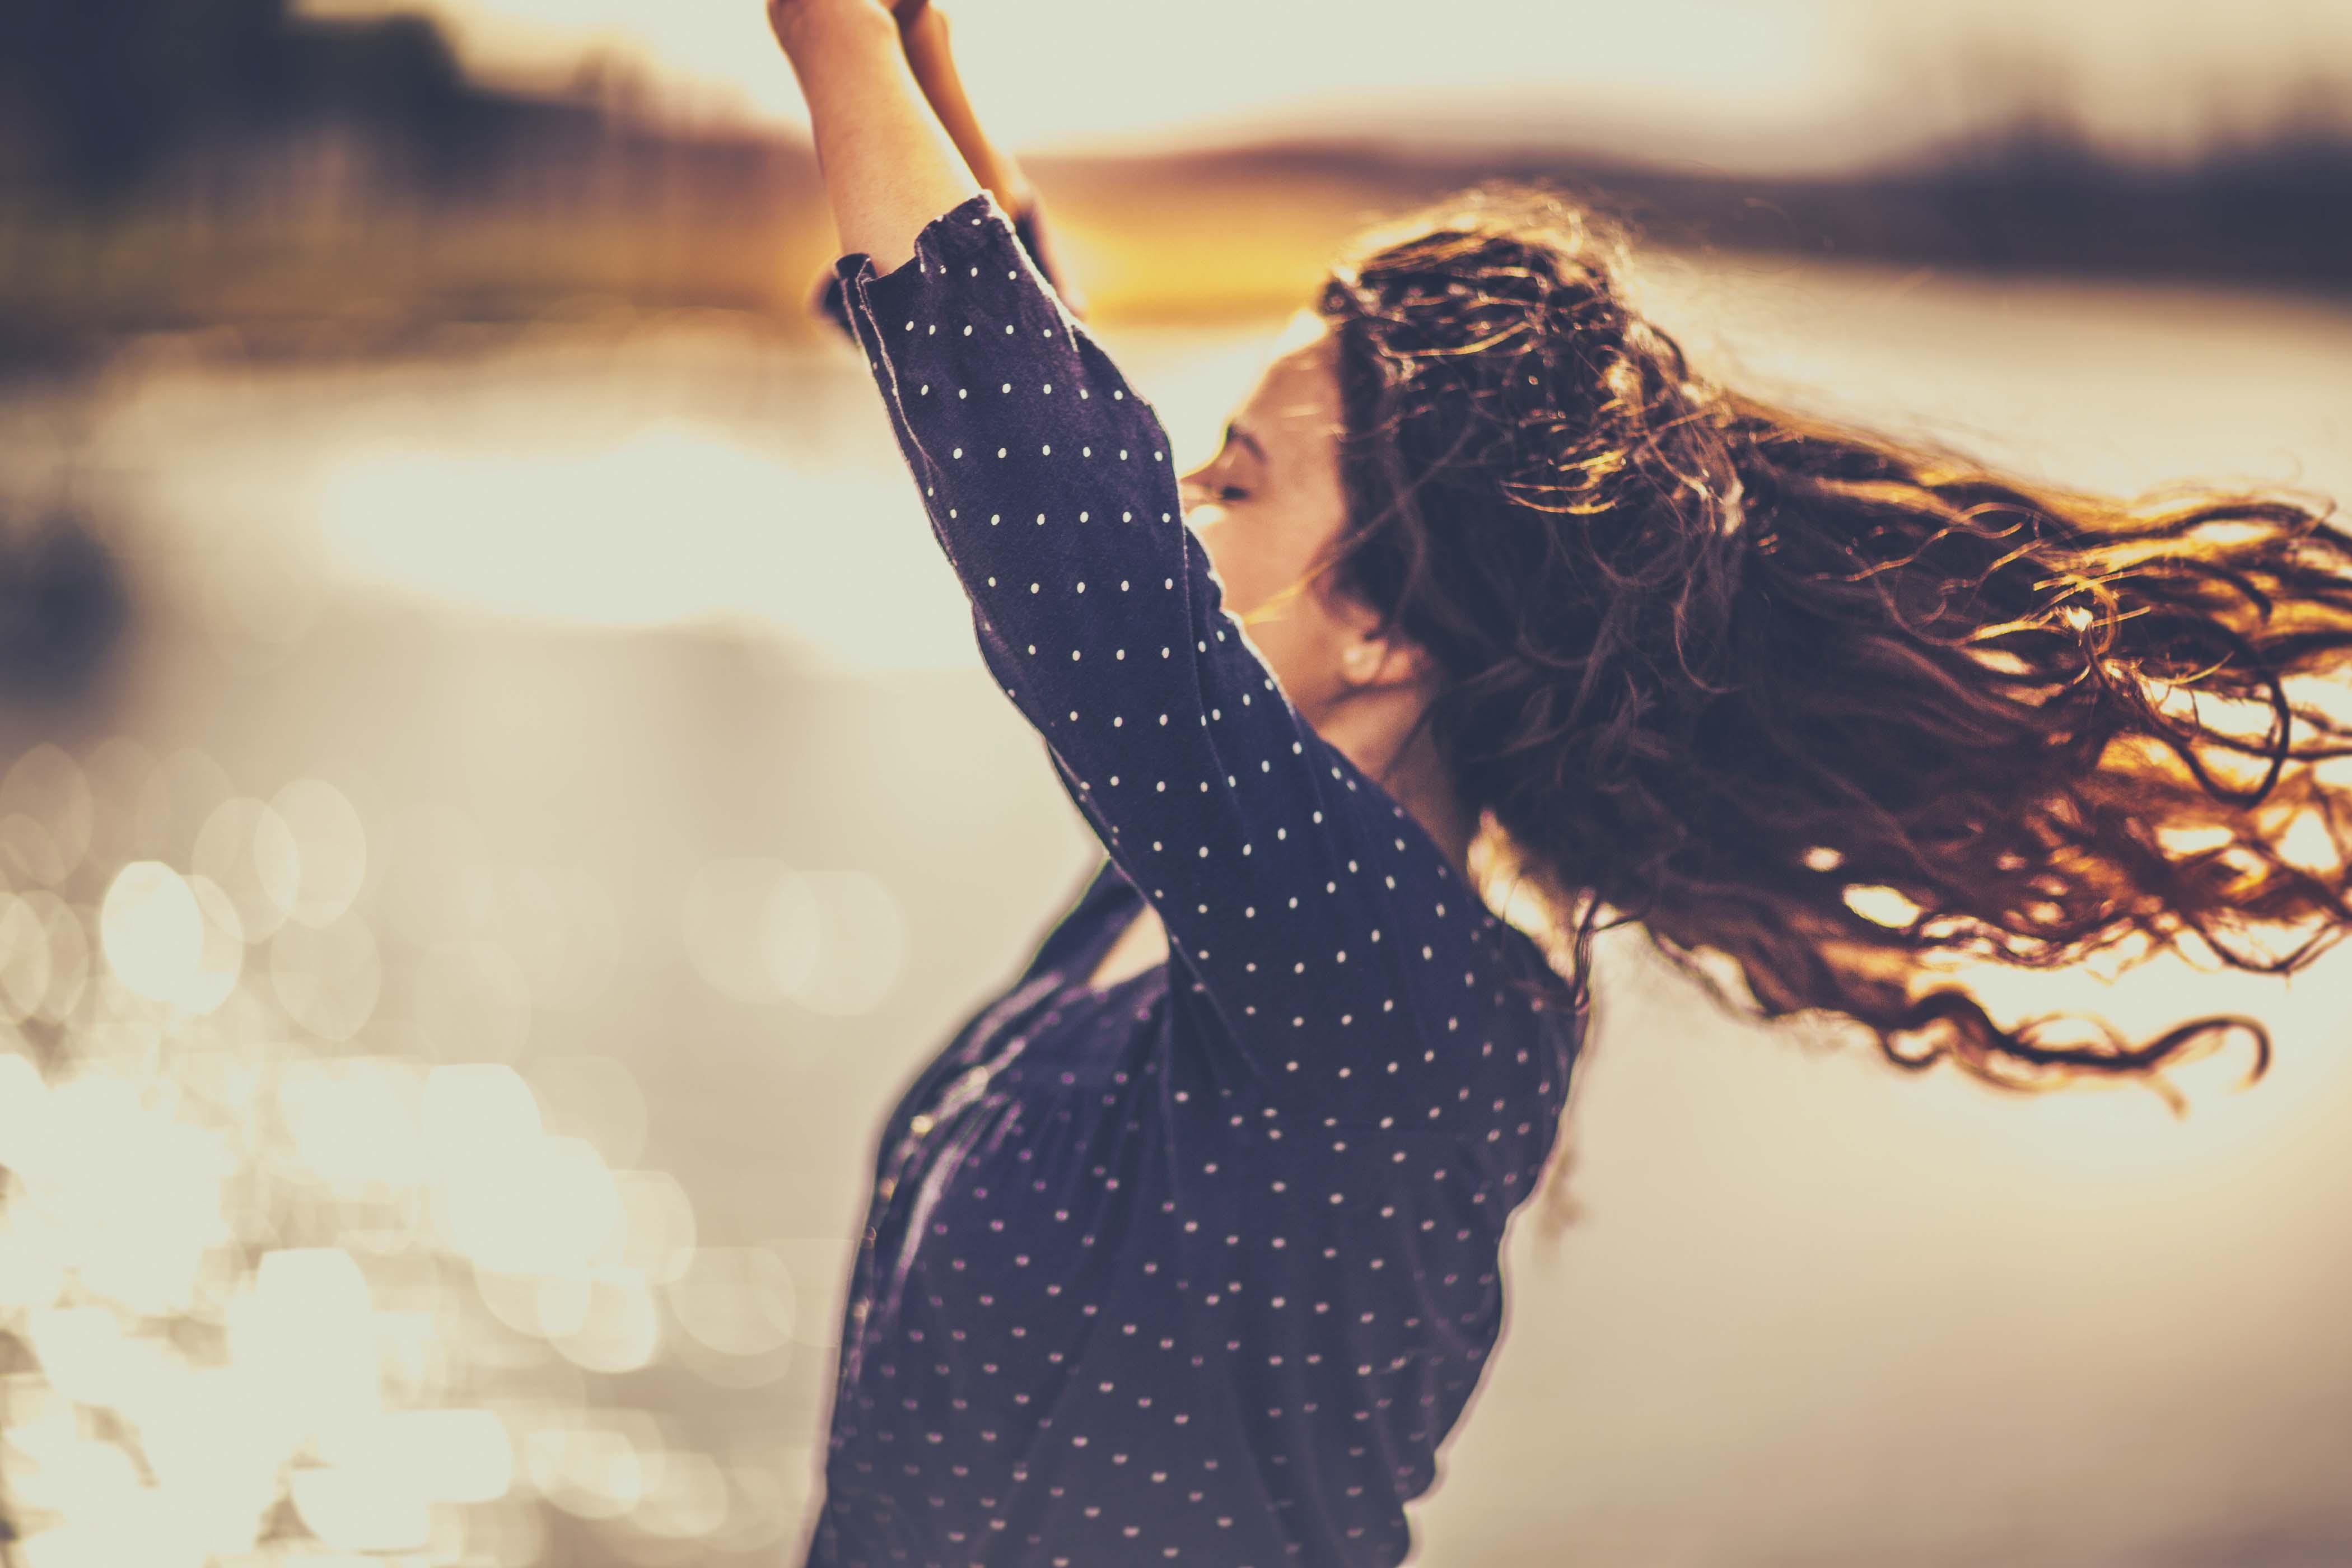 pelo largo rojizo con ondas al viento